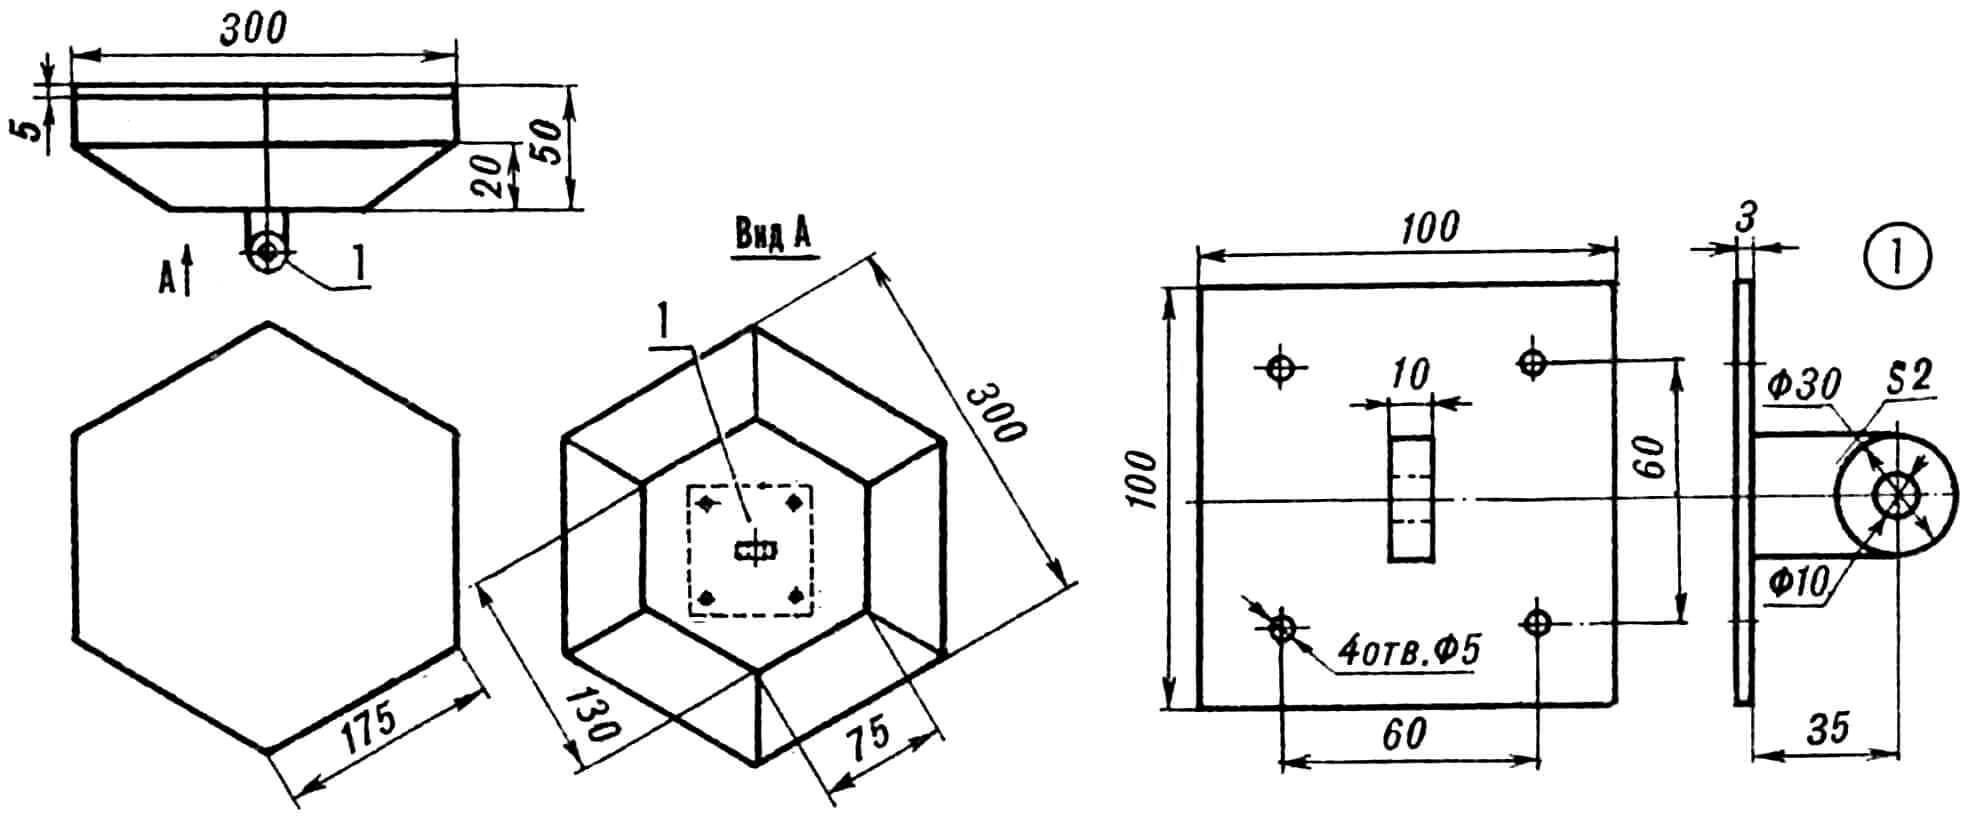 Рис. 2. Корпус барабанов «тамтам 1», «тамтам 2» и малого: 1 — узел крепления.